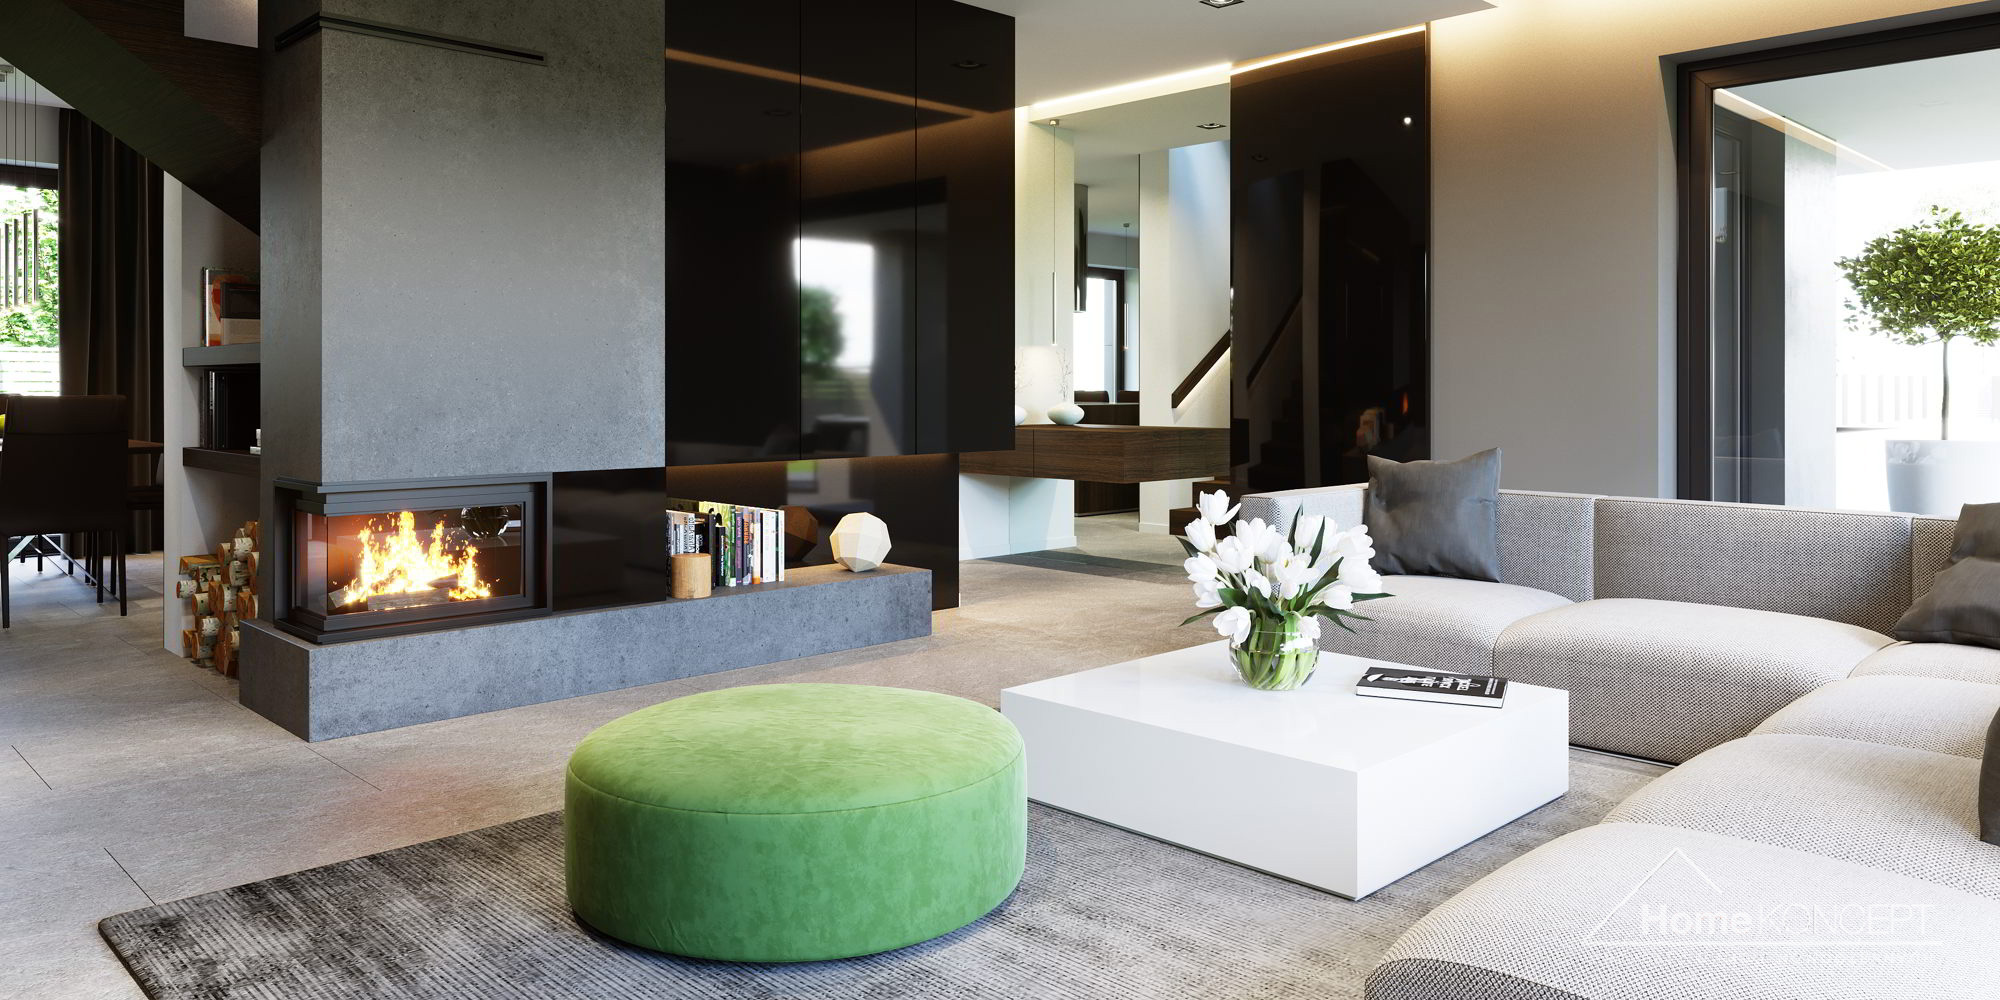 prestige house projekty nowoczesne wnetrza 2018 14